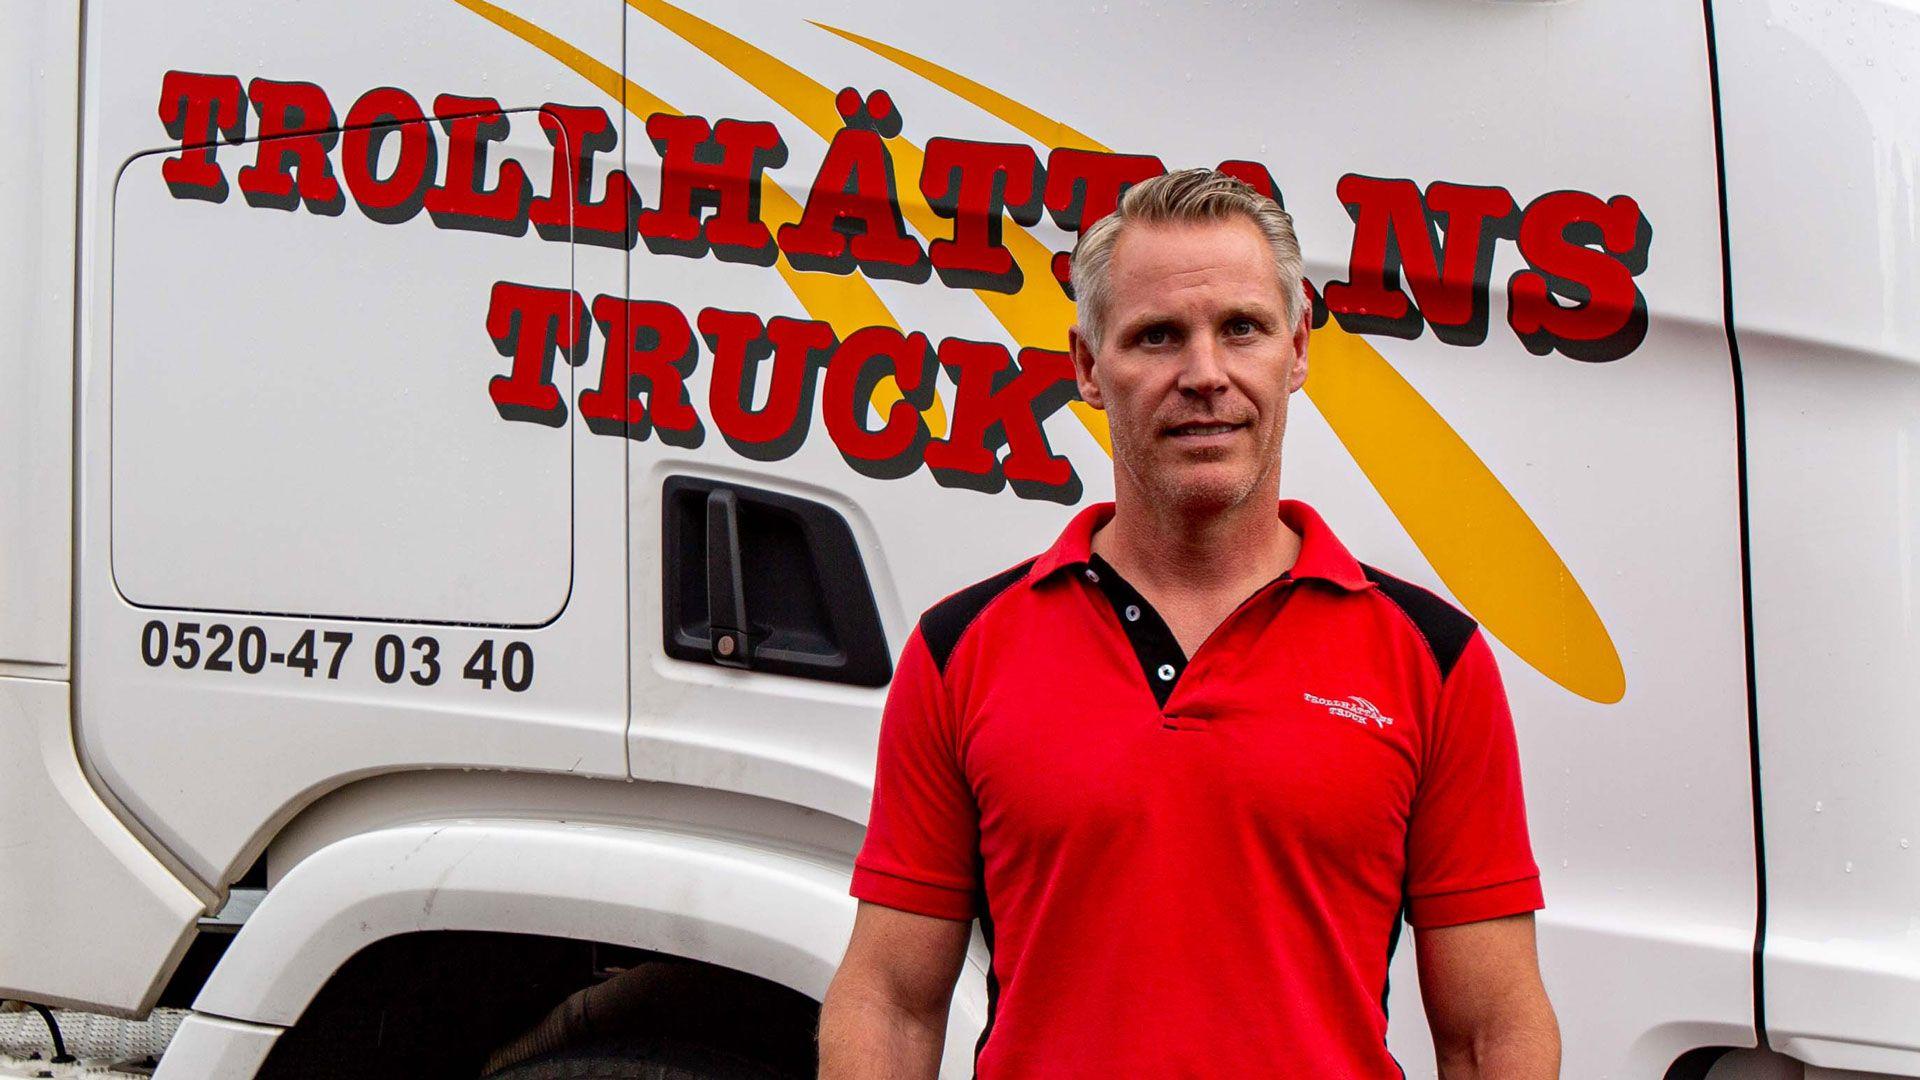 En av årets nya sponsorer är Trollhättan Truck!